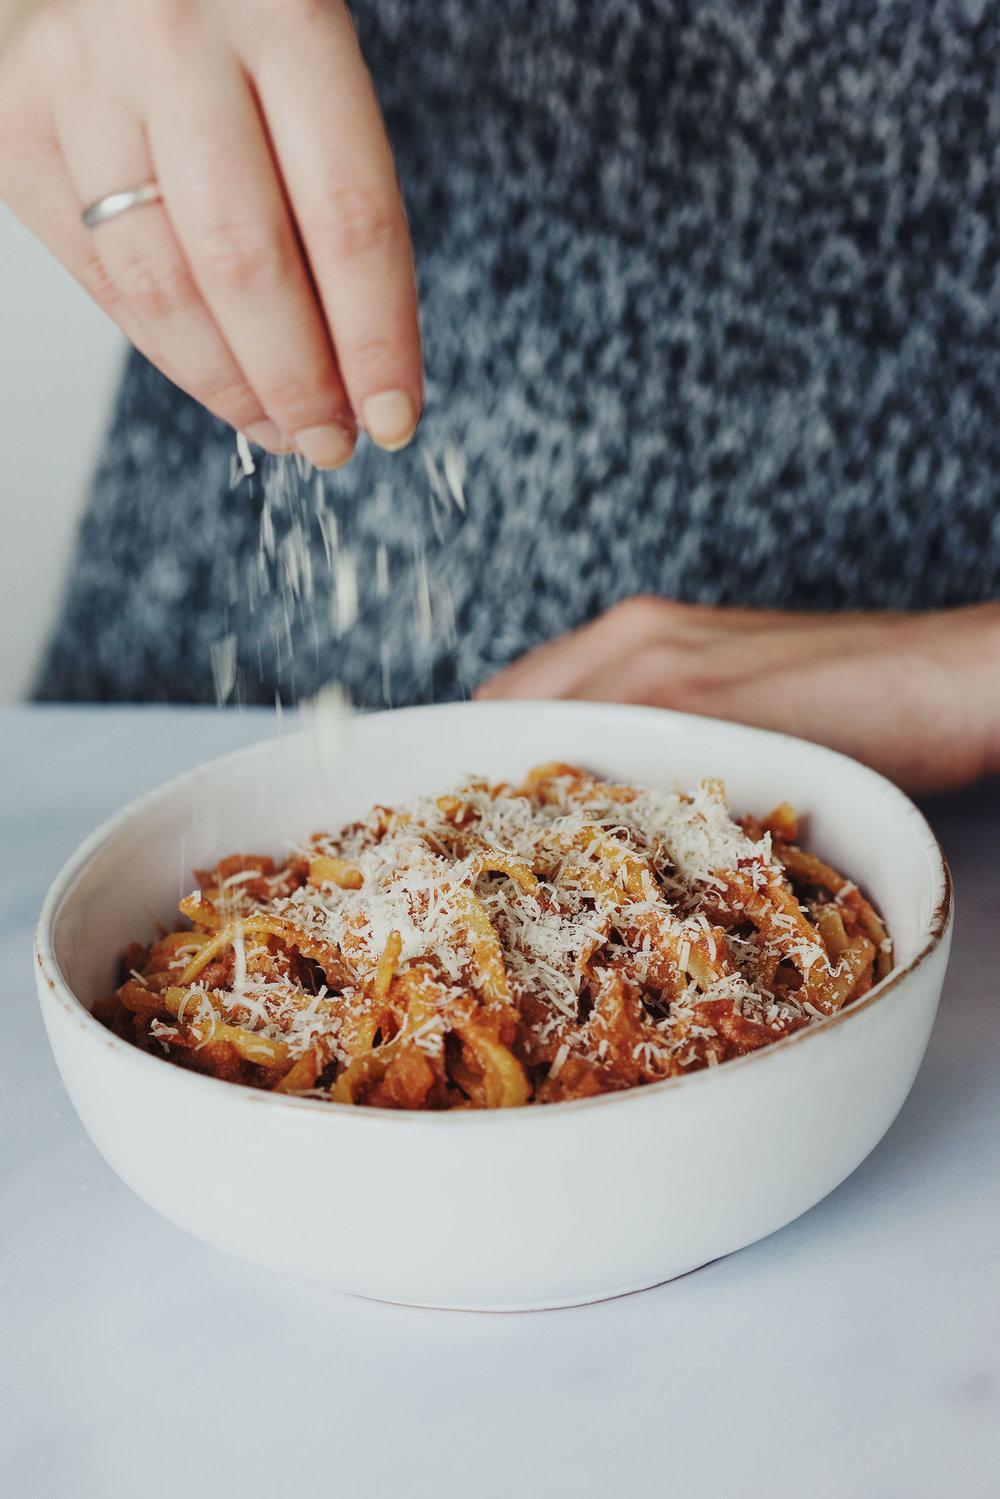 Ragnhild-Utne-eat-bud-eatbud-food-chunky-pasta-sauce-recipe-blog-parmesan-italian-3.jpg